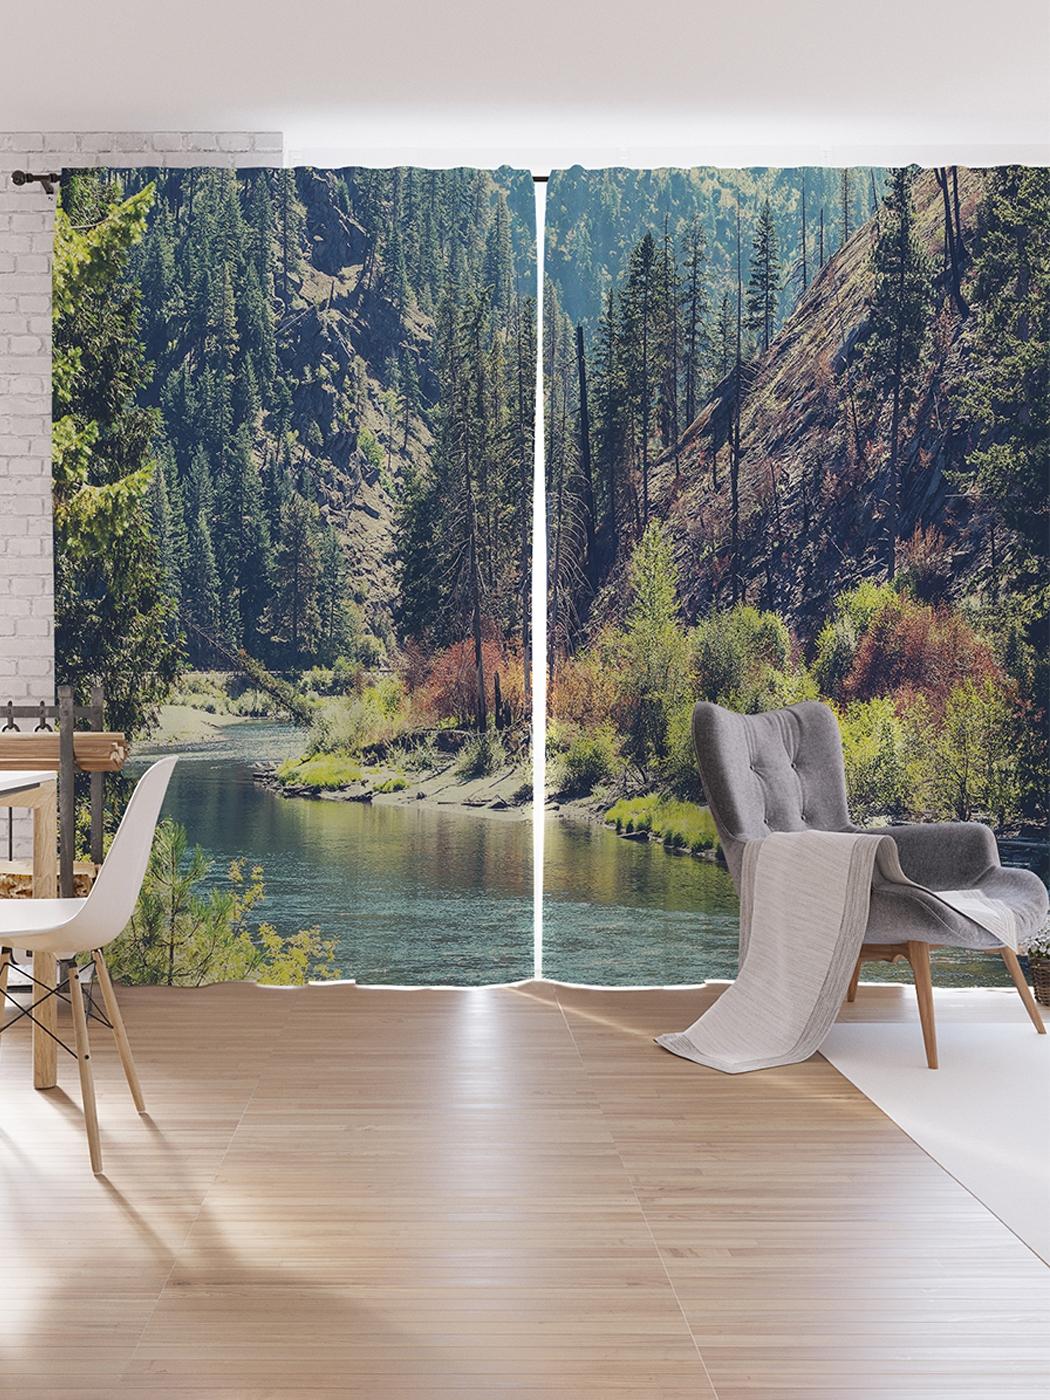 Шторы под лён JoyArty «Река, прячущаяся за лесами», серия Oxford DeLux, 340х265 см фото